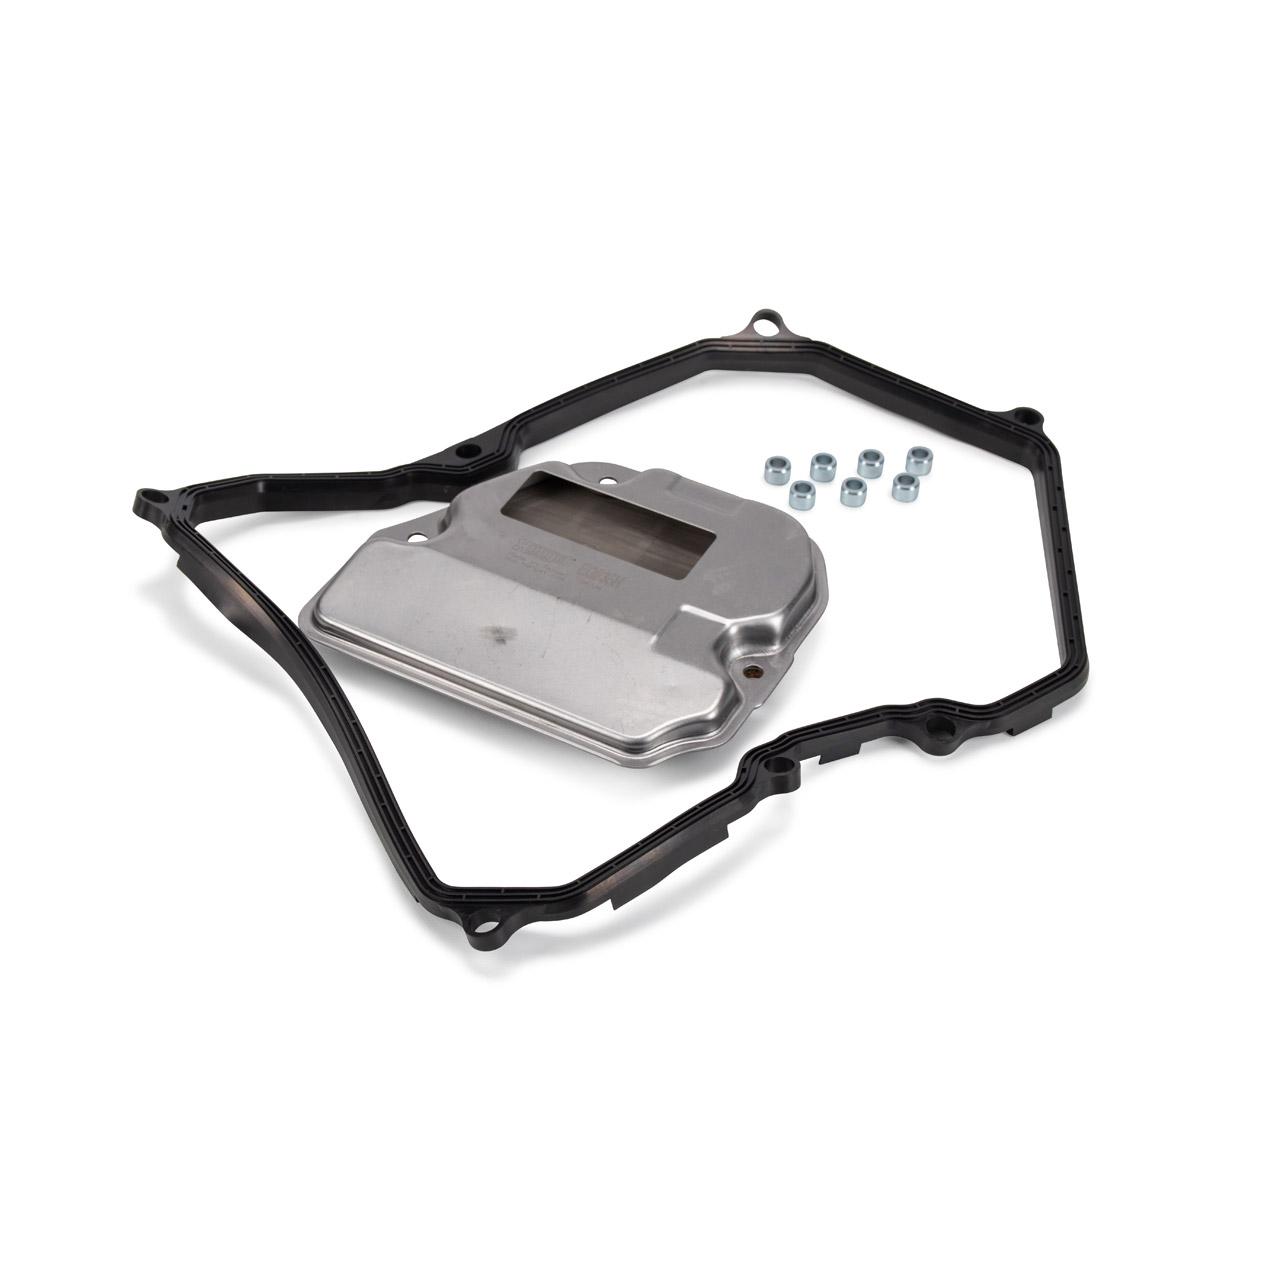 HENGST Getriebefilter 5L FUCHS Getriebeöl 6-Gang Automatik für VW T5 3.2 2.5 TDI